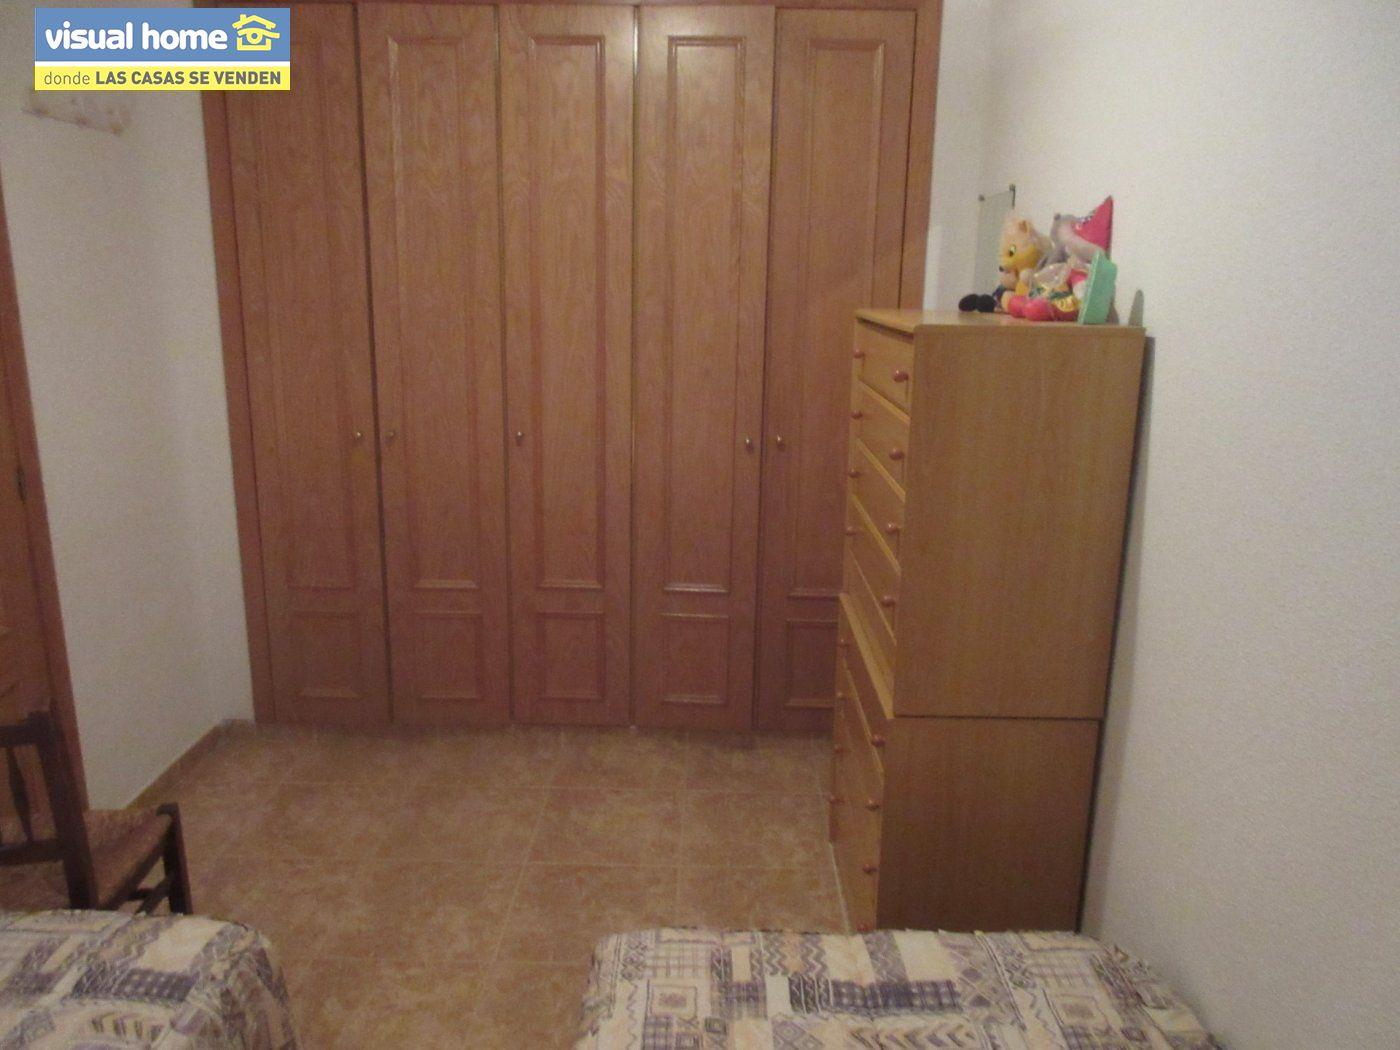 Apartamento 1 dormitorio con vistas espectaculares con parking y piscina en Rincón de Loix llano 24